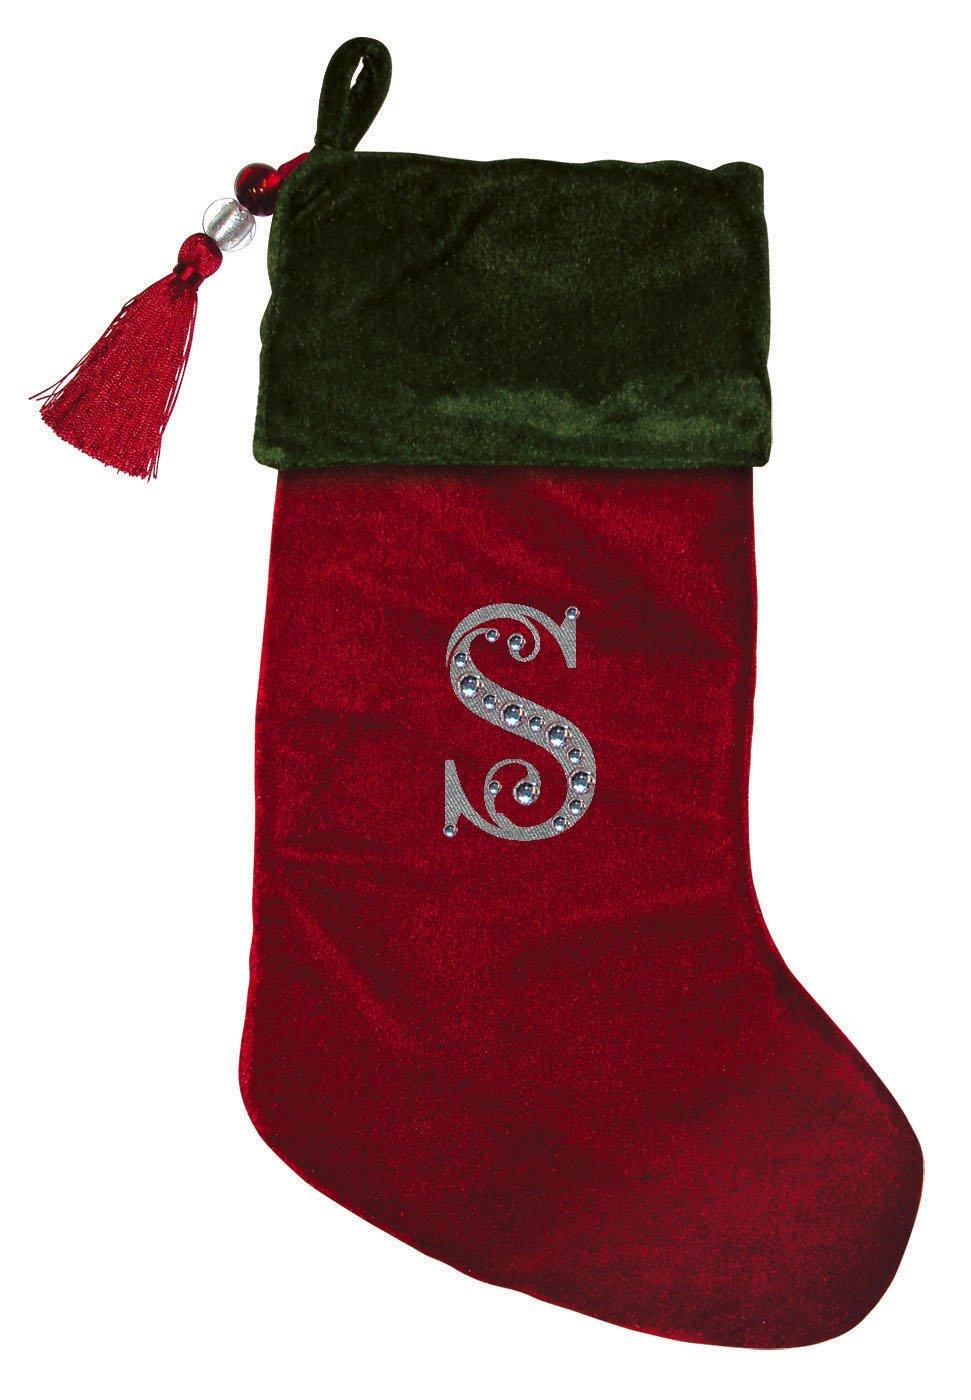 Amazon.com: Christmas Stocking Red & Green Velvet With Tassel ...